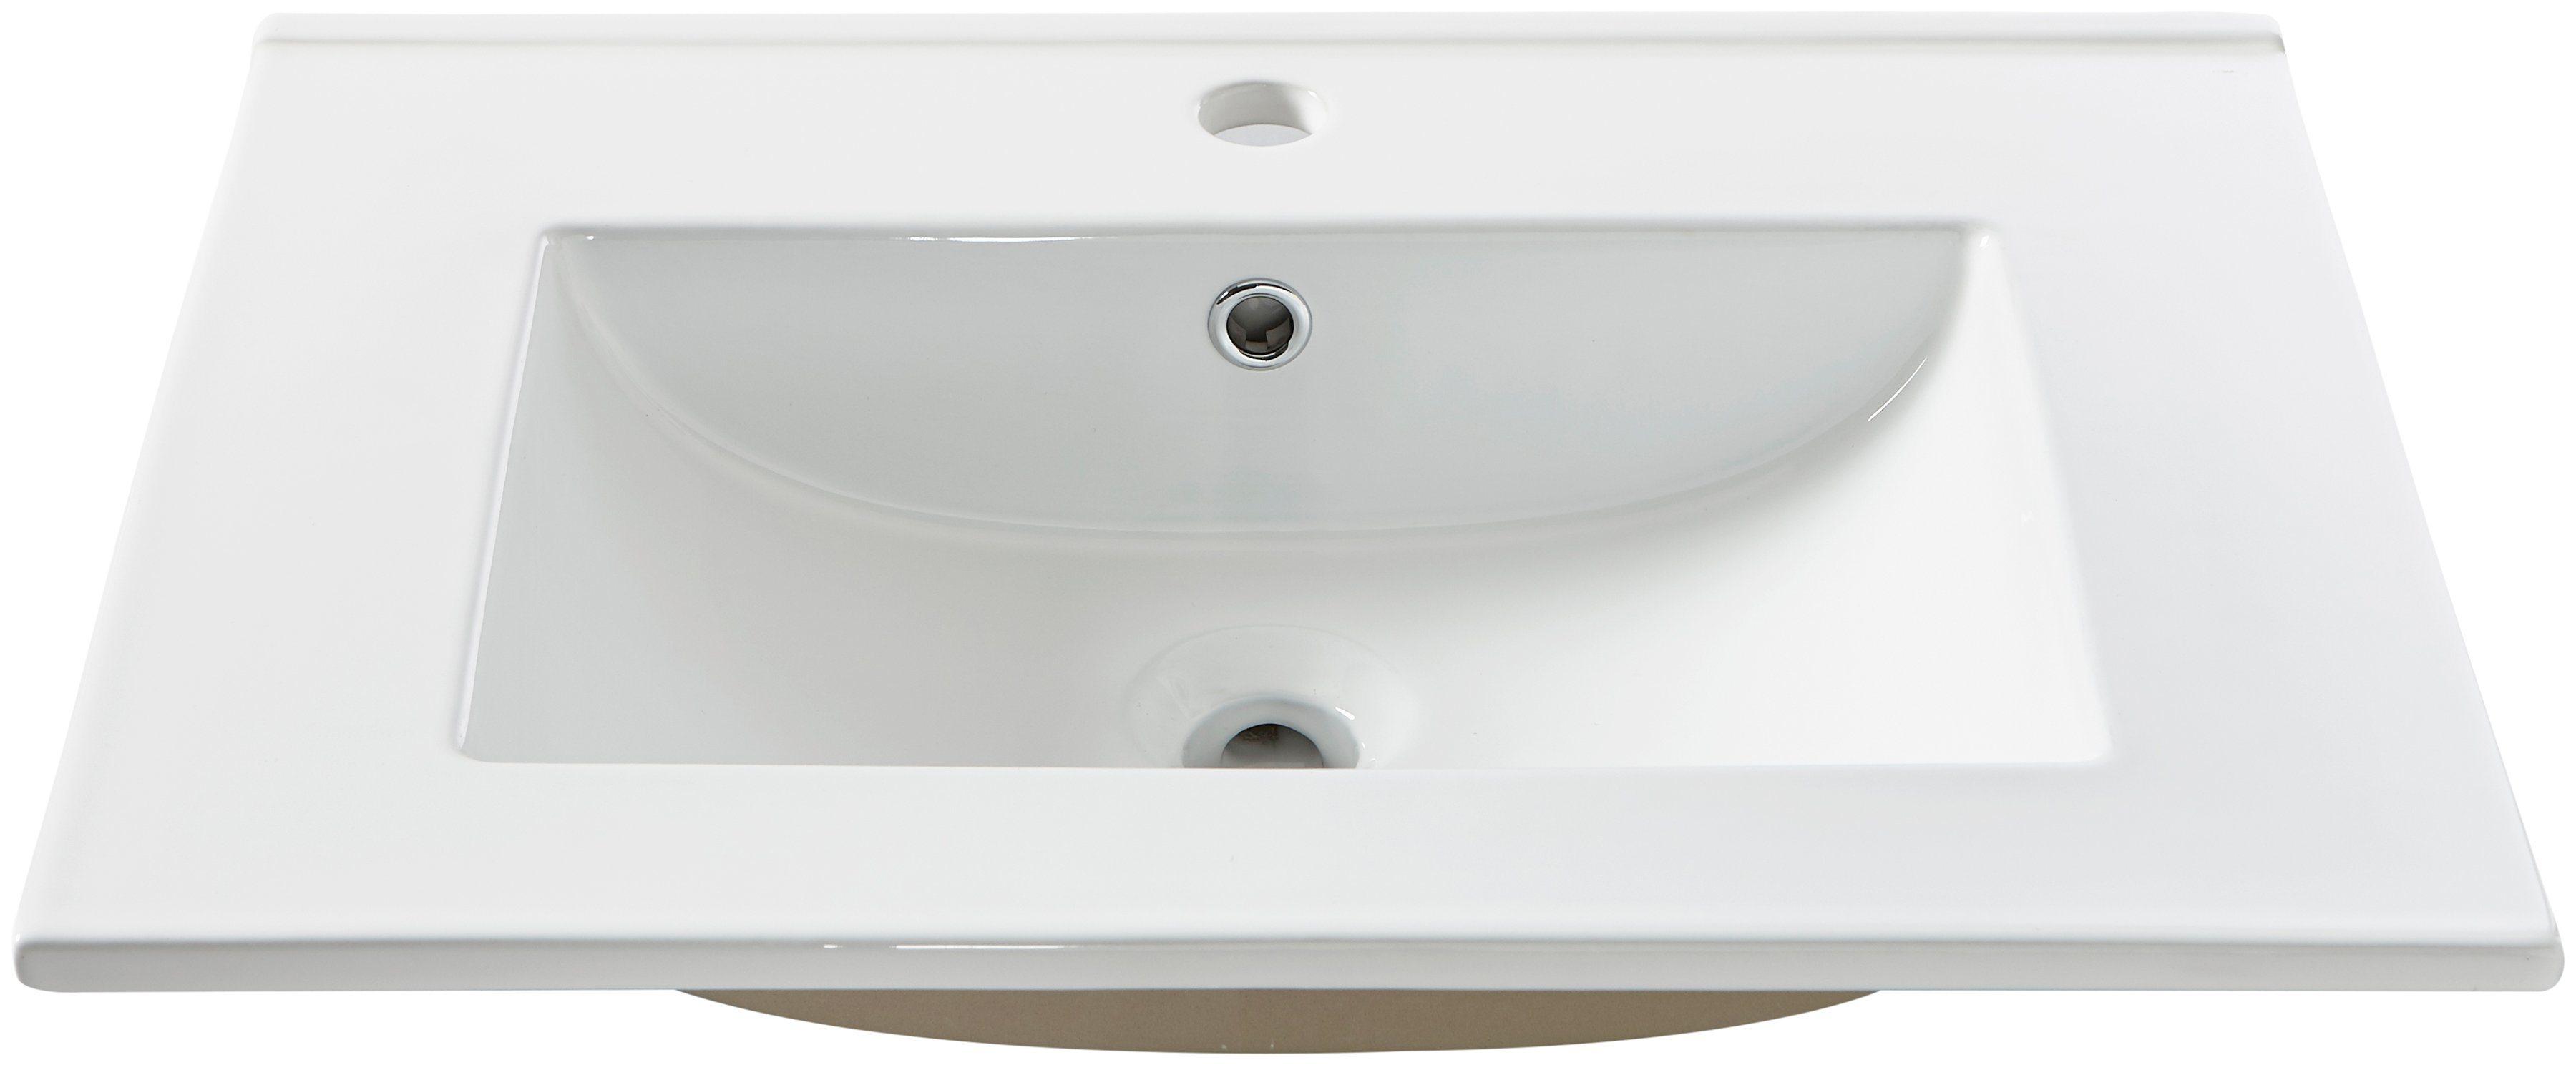 Waschbecken »Trento«, Breite 61 cm, Einsatzbecken/Waschtisch   Bad > Waschbecken